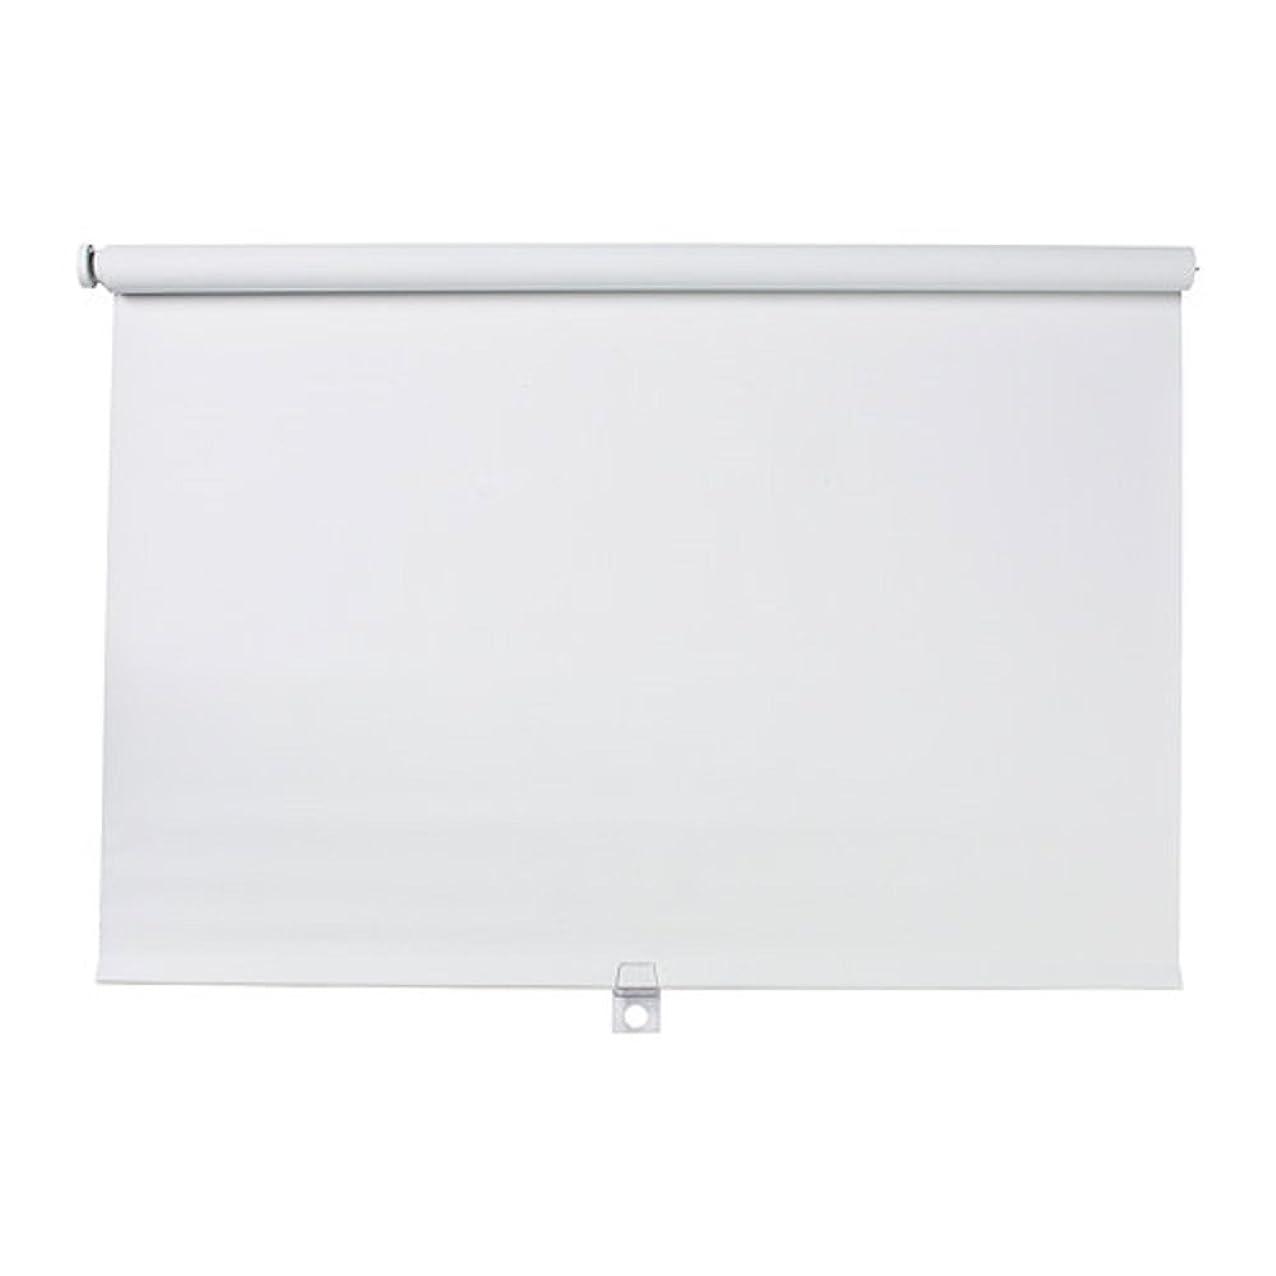 忍耐パラシュートリーフレットIKEA/イケア TUPPLUR:遮光ローラーブラインド160×195cm ホワイト (503.493.09)